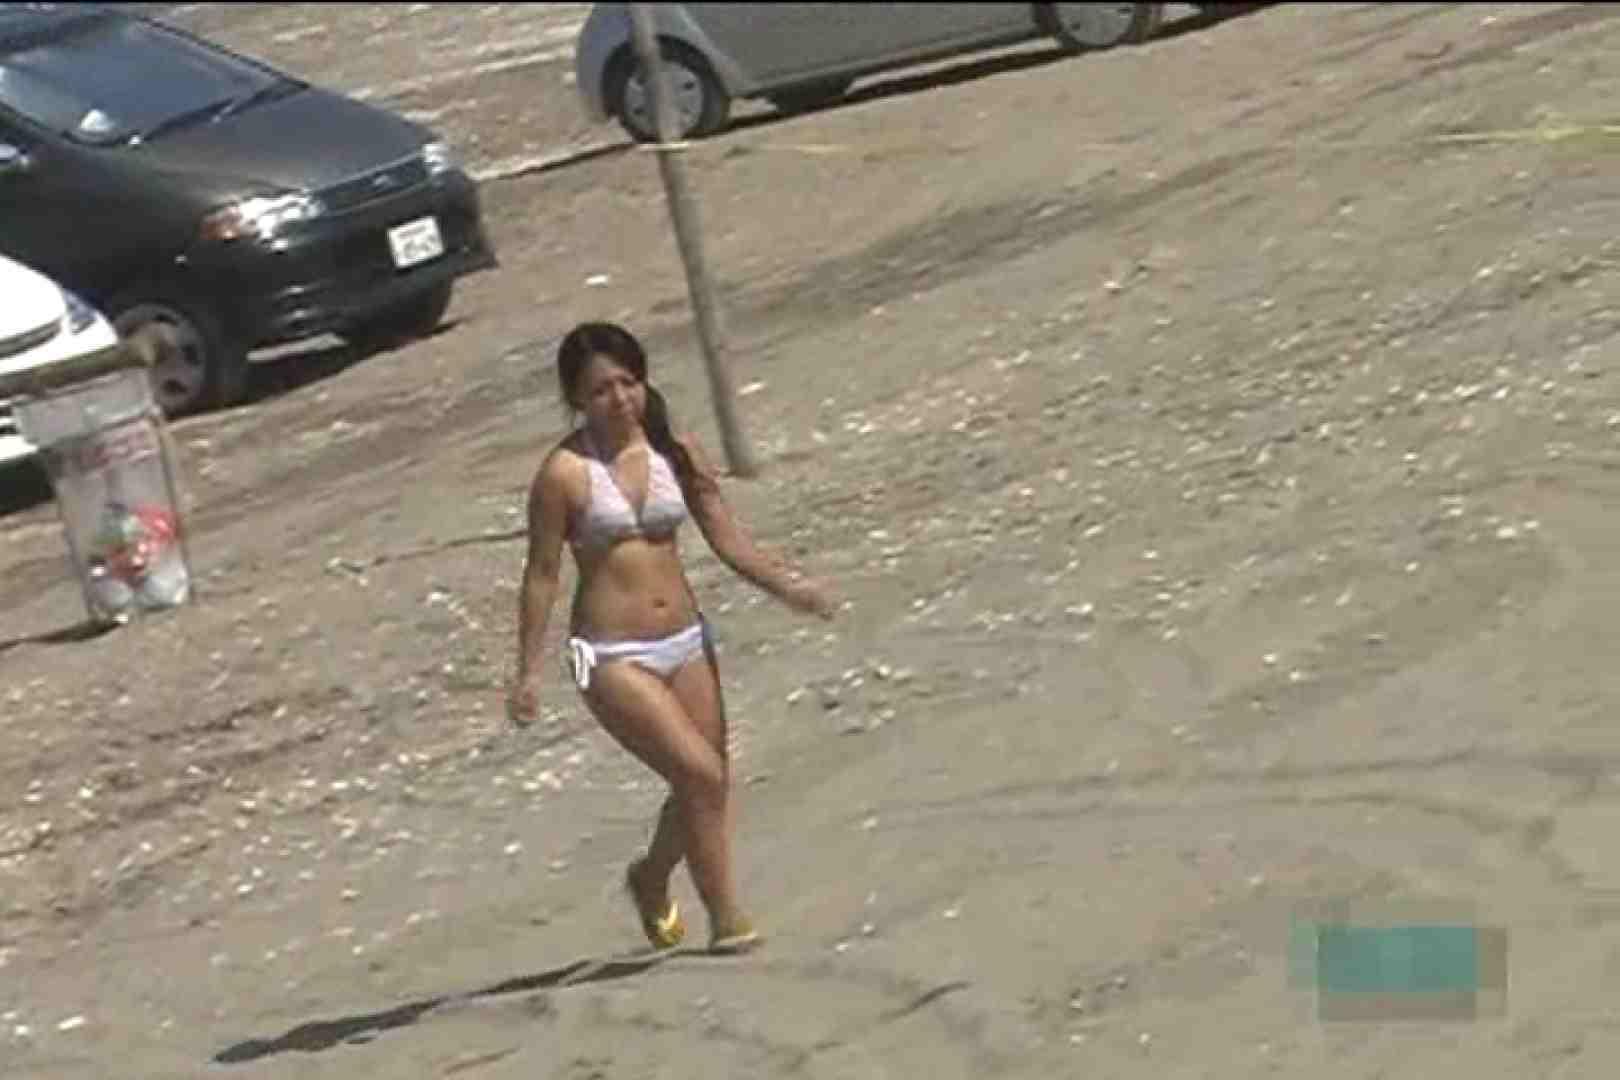 真夏のビーチは危険地帯Vol.3 水着娘 ワレメ無修正動画無料 79連発 55